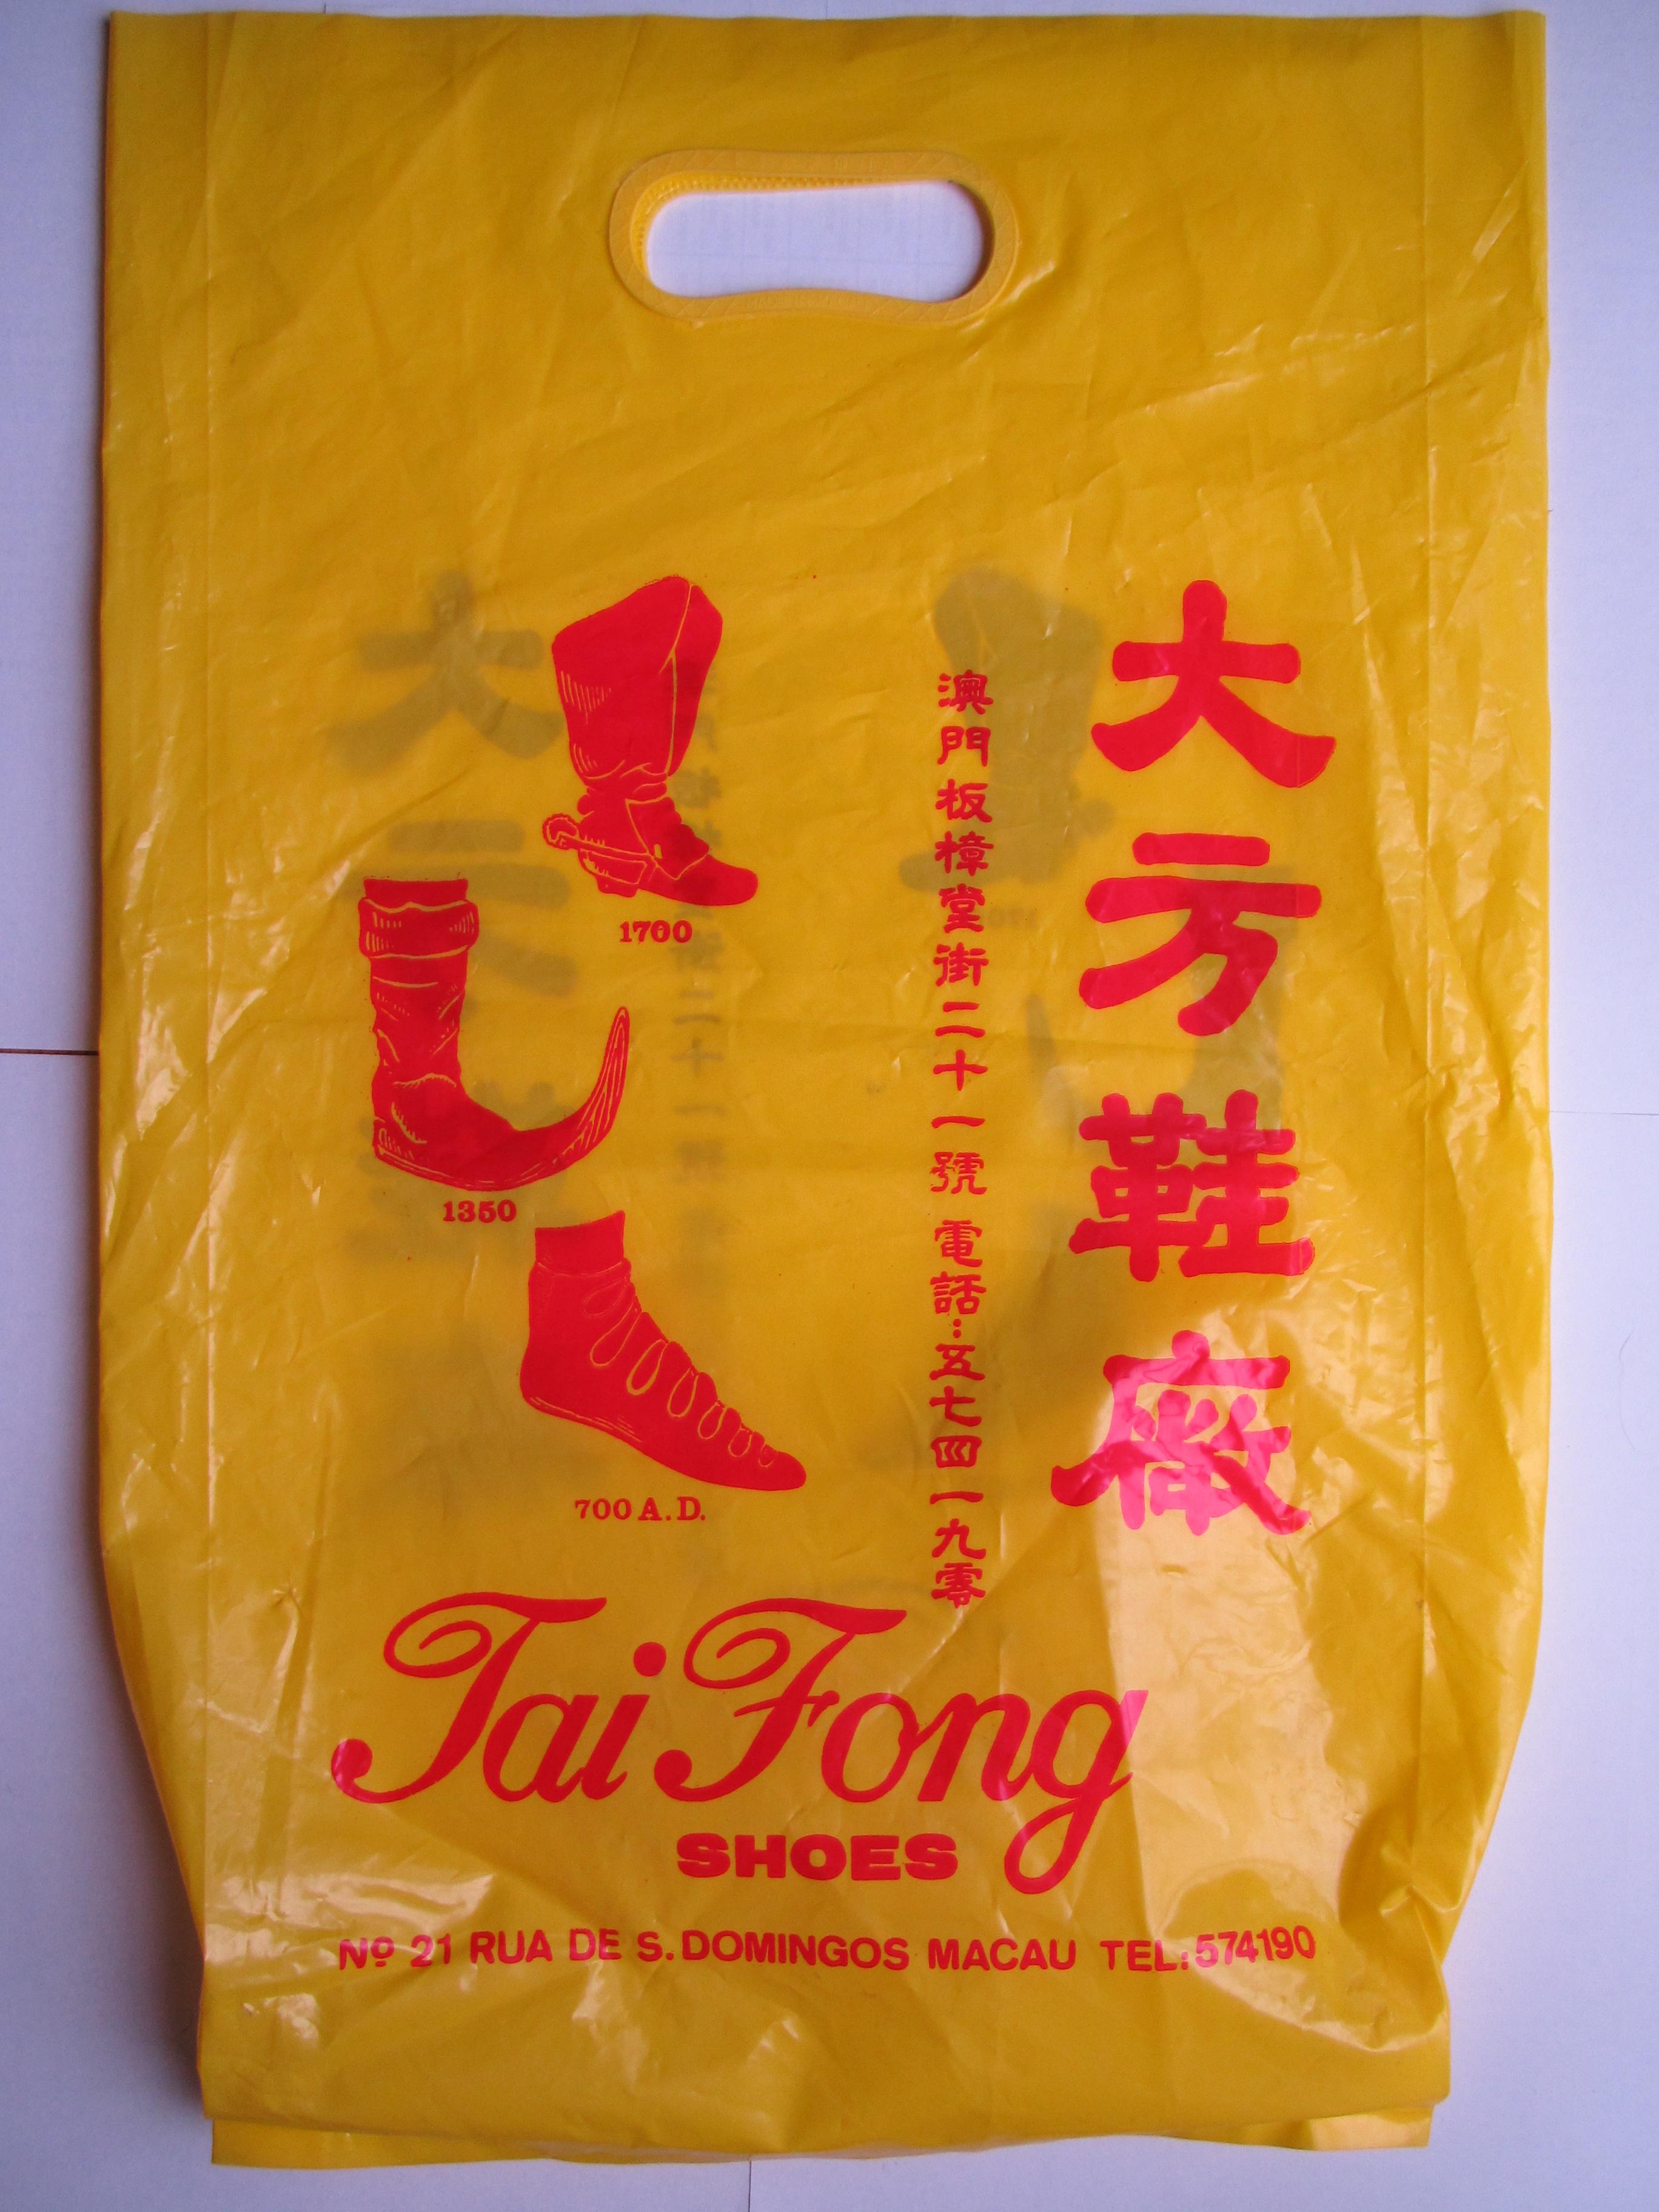 Sapataria Tai Fong verso